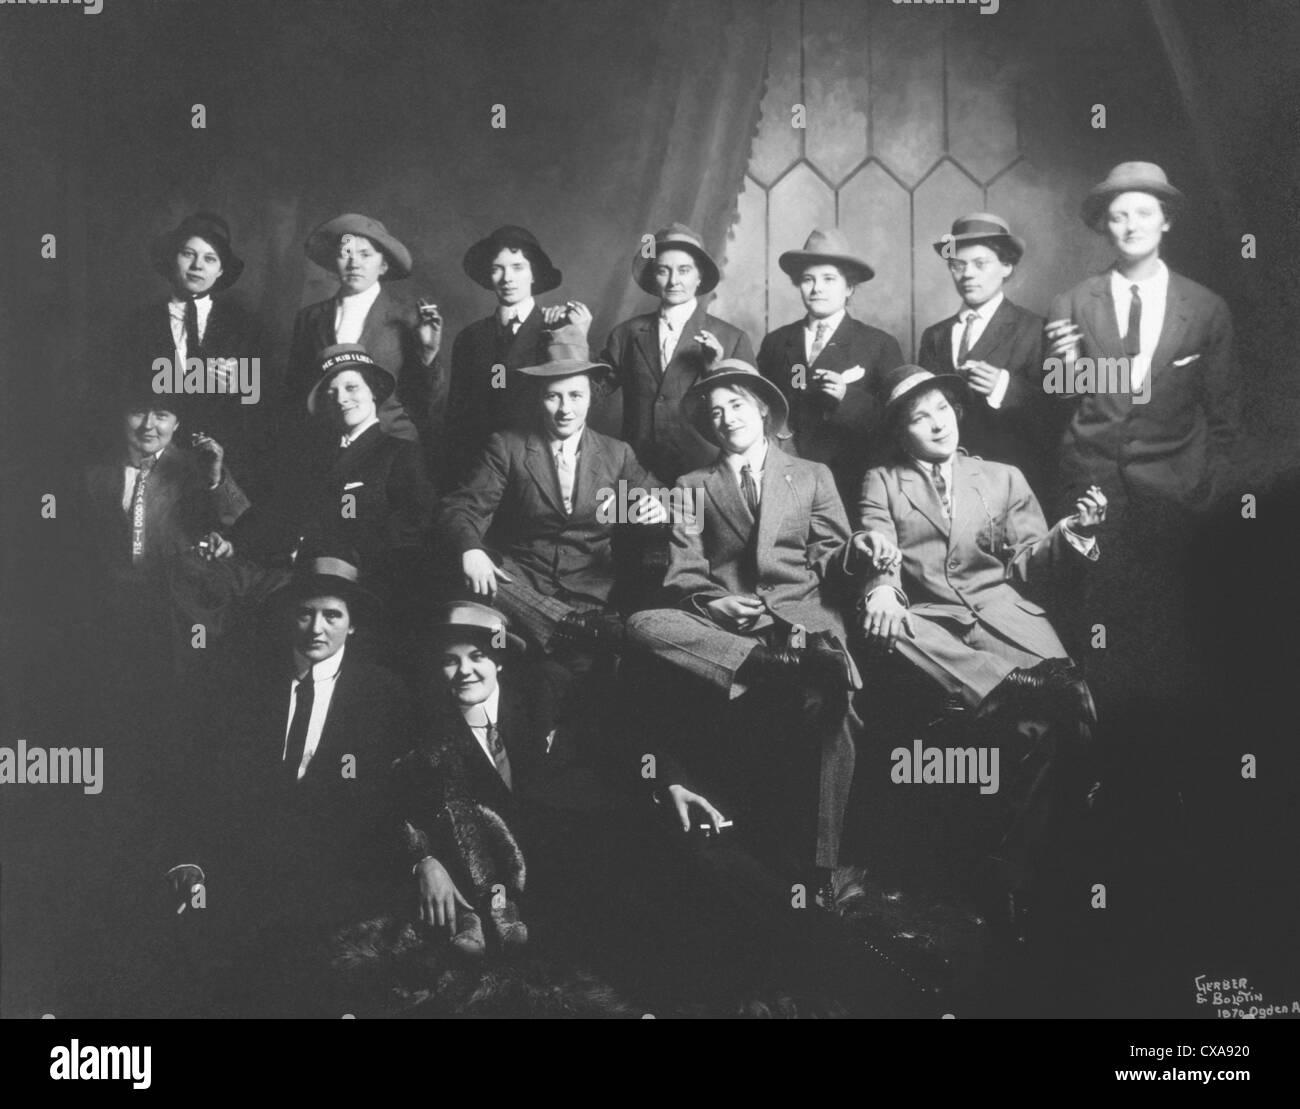 Catorce mujeres vistiendo ropa Mens con cigarrillos, Chicago, Illinois, EE.UU., circa 1910 Imagen De Stock